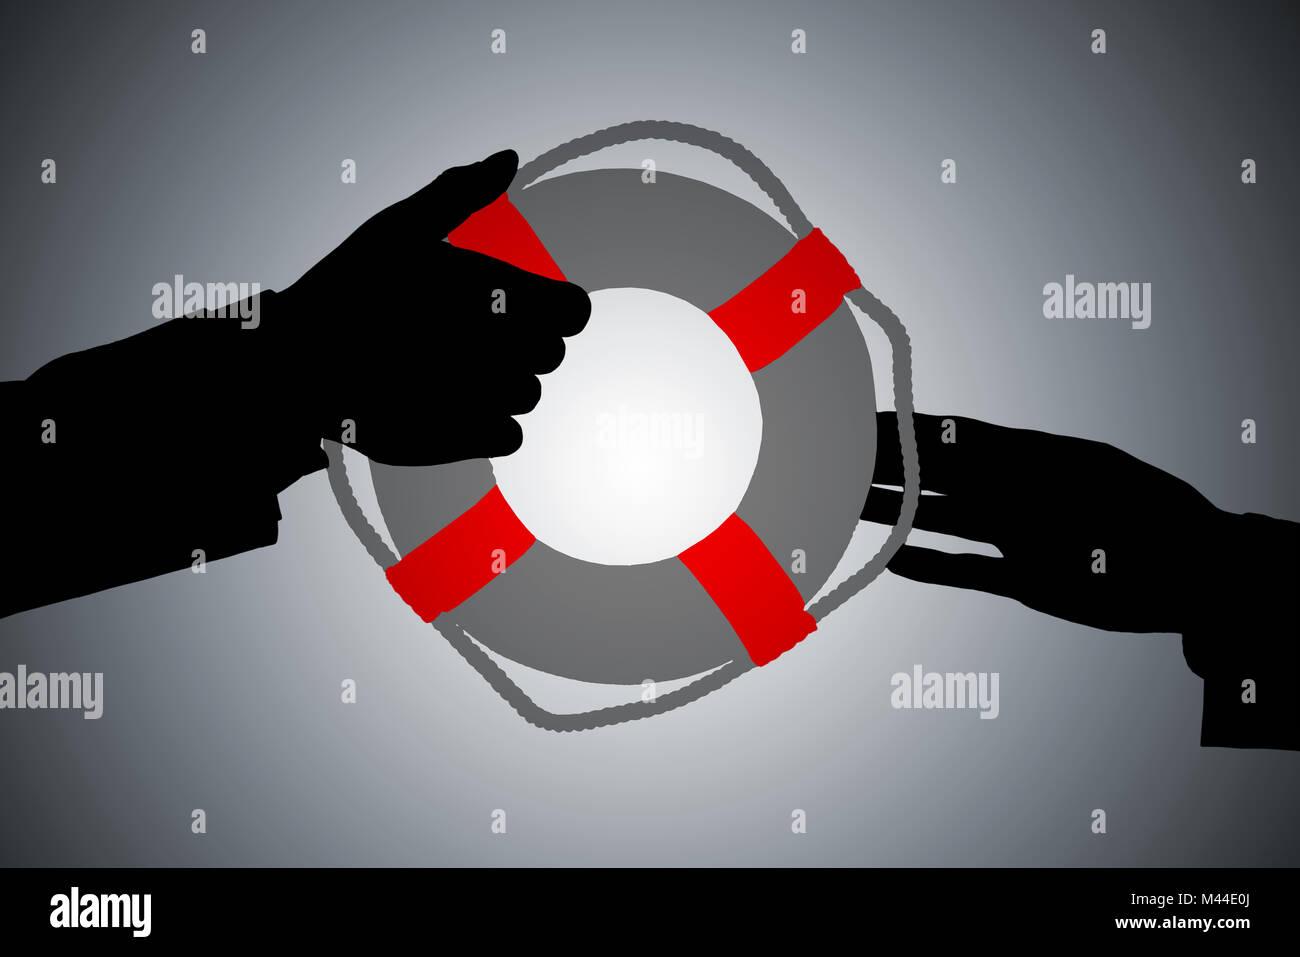 Silhouette di una persona due la mano passando salvagente contro uno sfondo grigio Immagini Stock